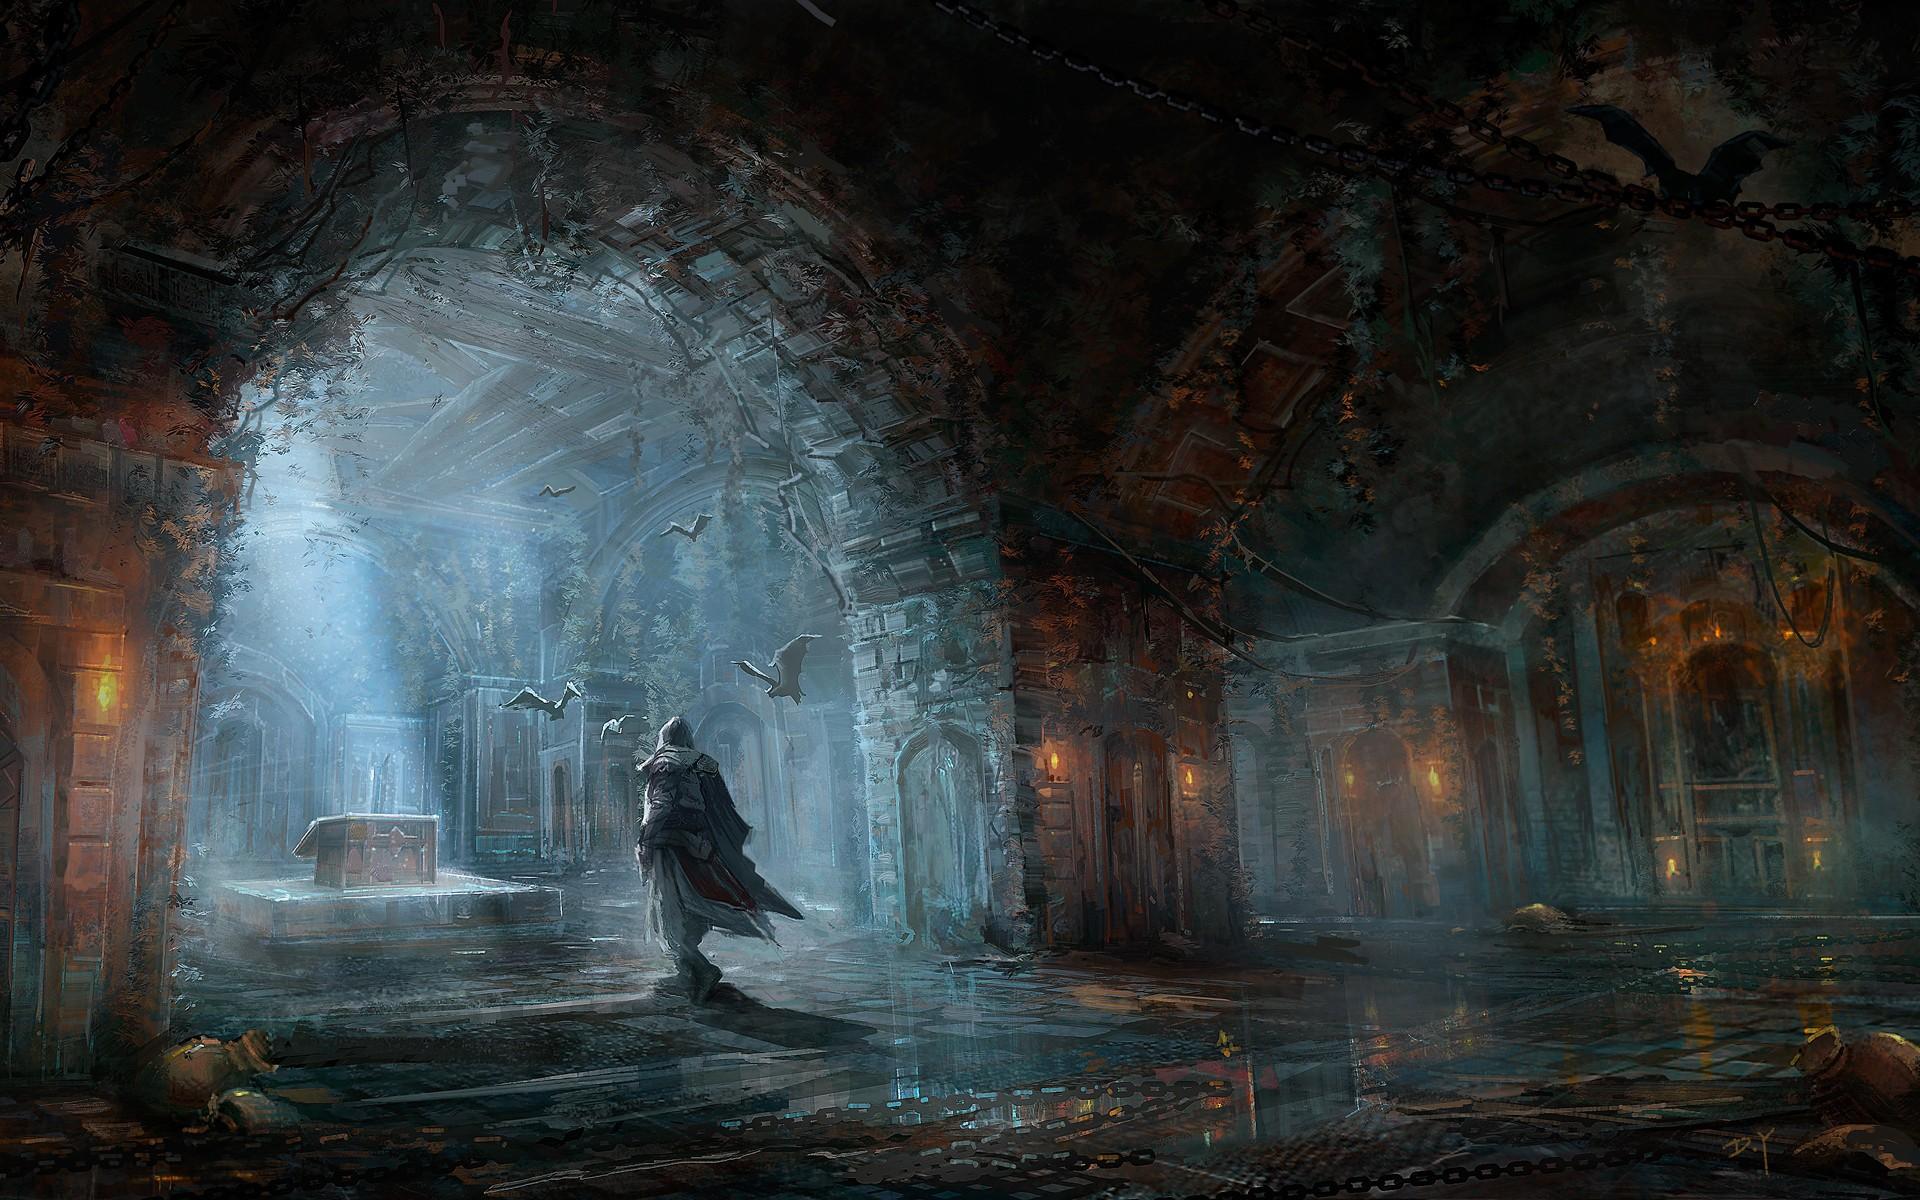 новым портал замок боли марина привыкла